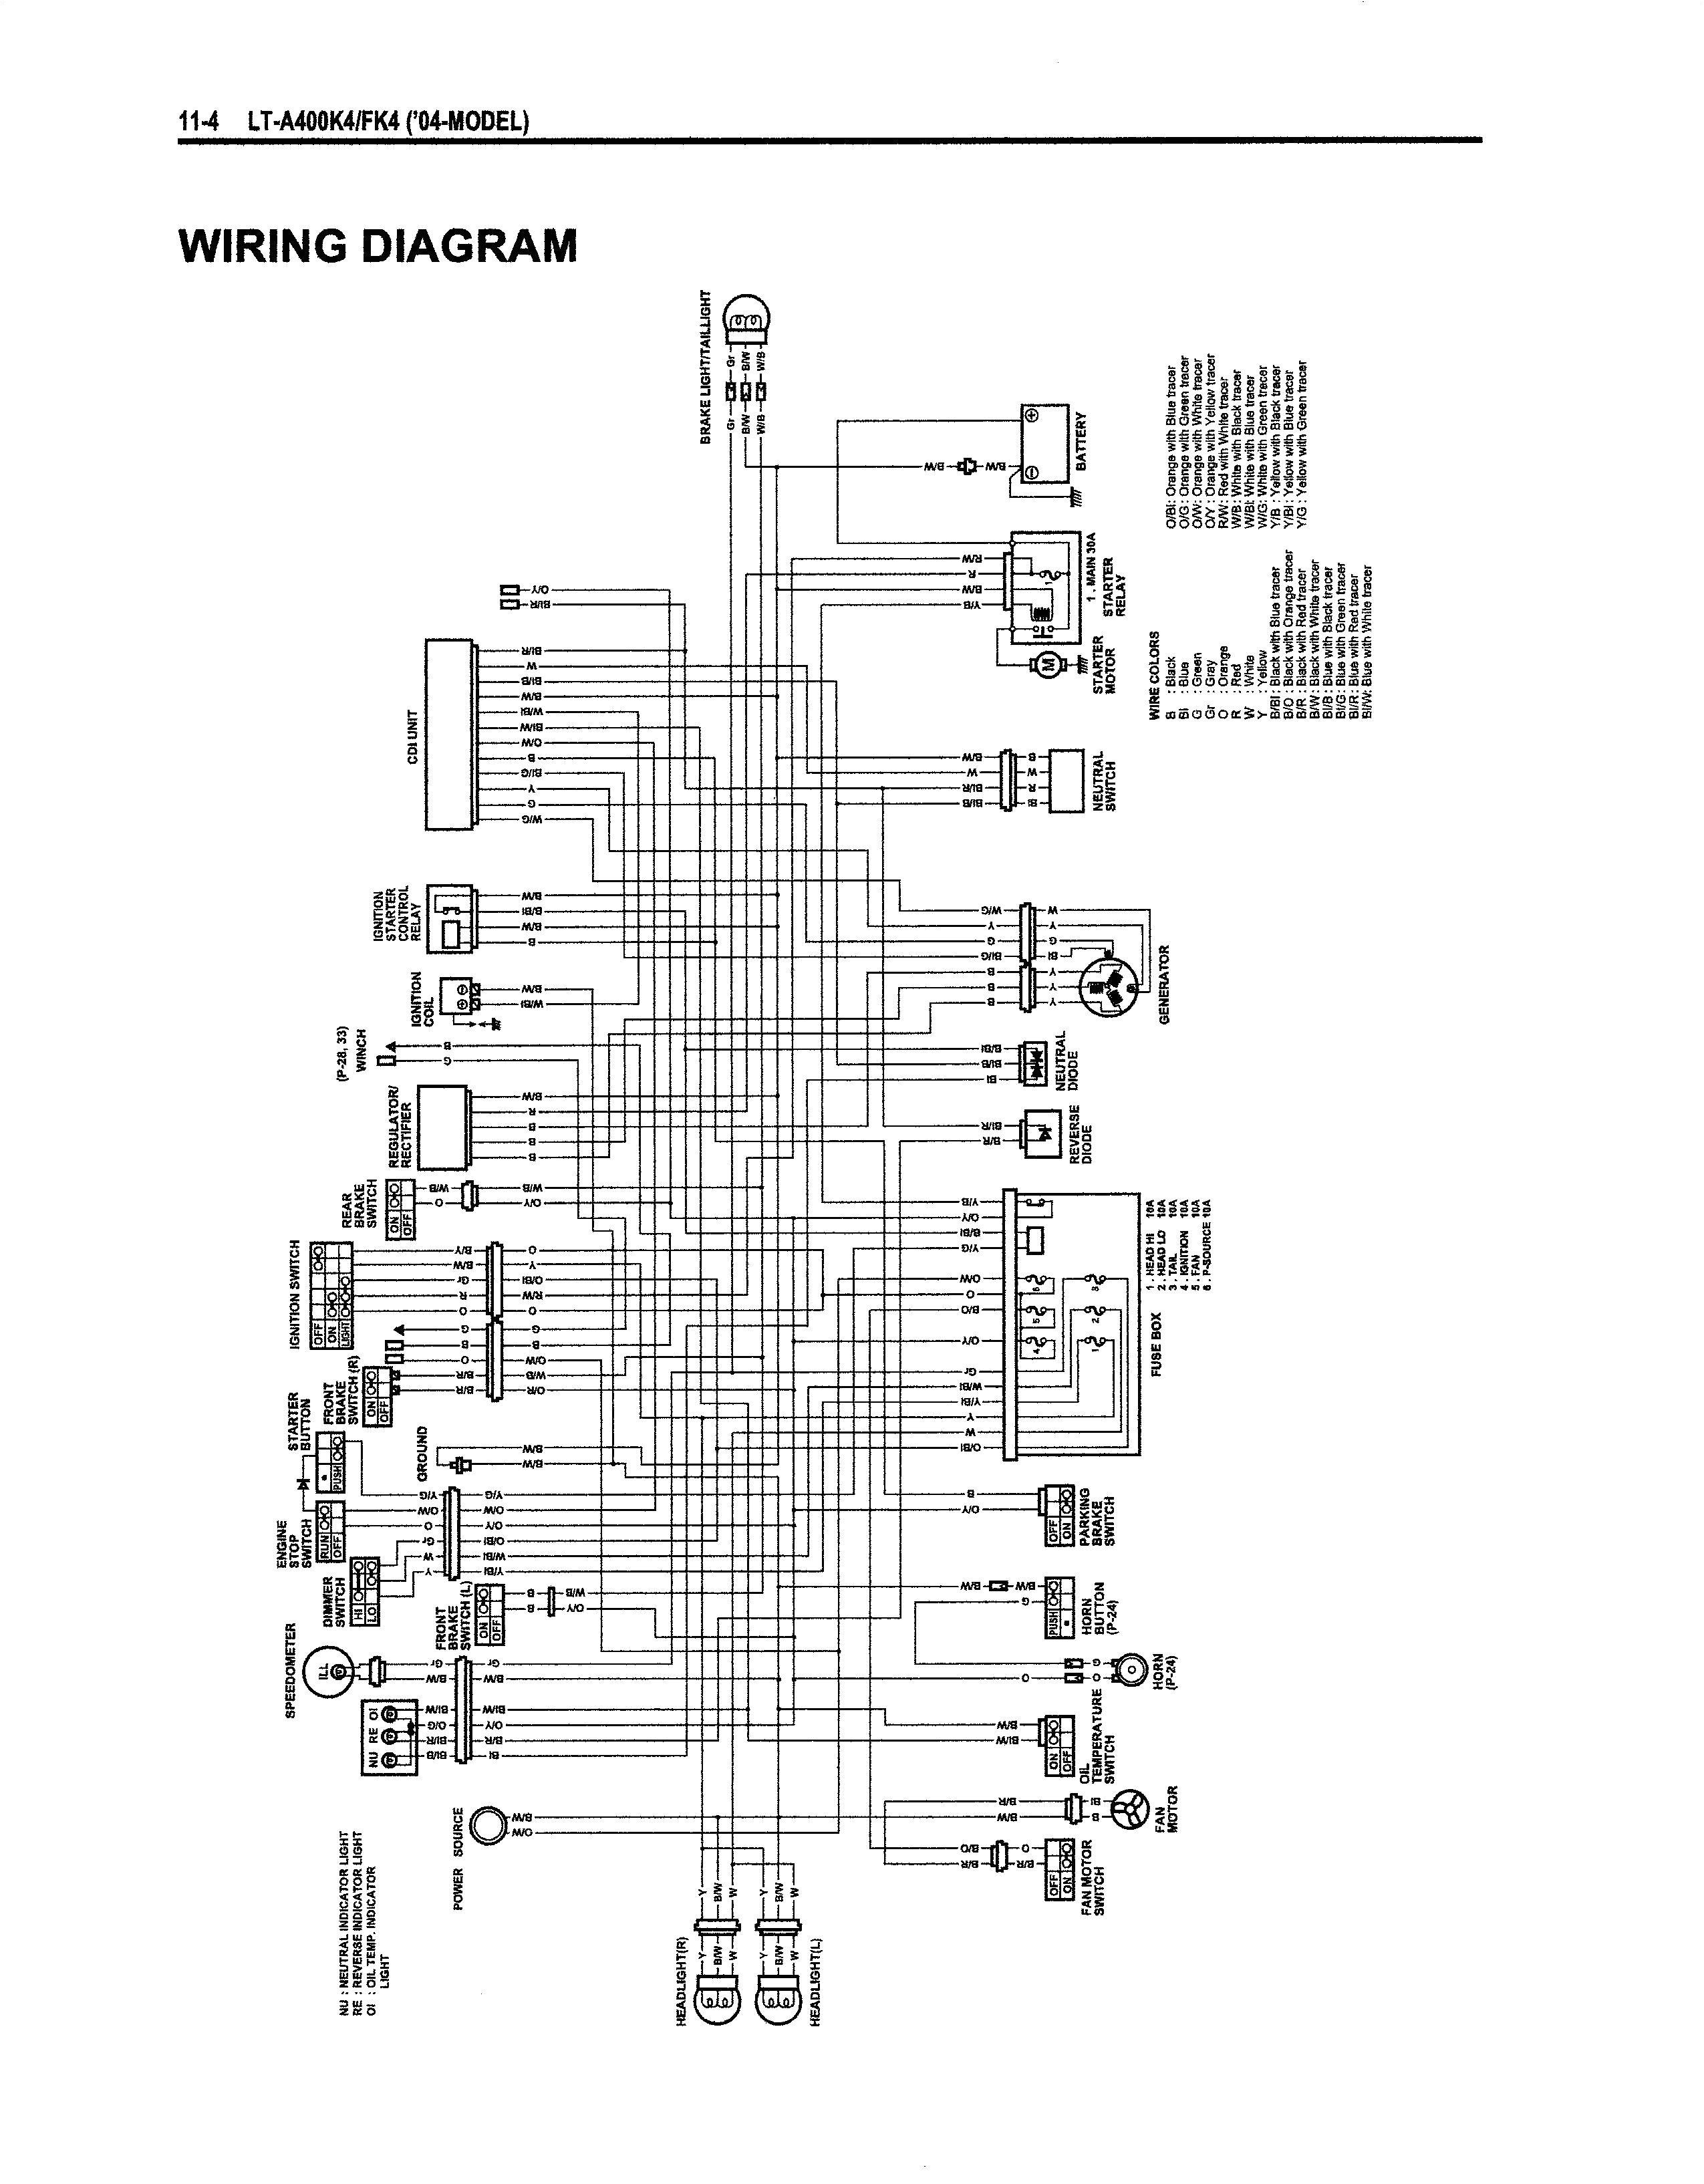 on a 2007 suzuki eiger wiring diagram wiring diagrams konsultsuzuki eiger wiring diagram wiring diagram technic